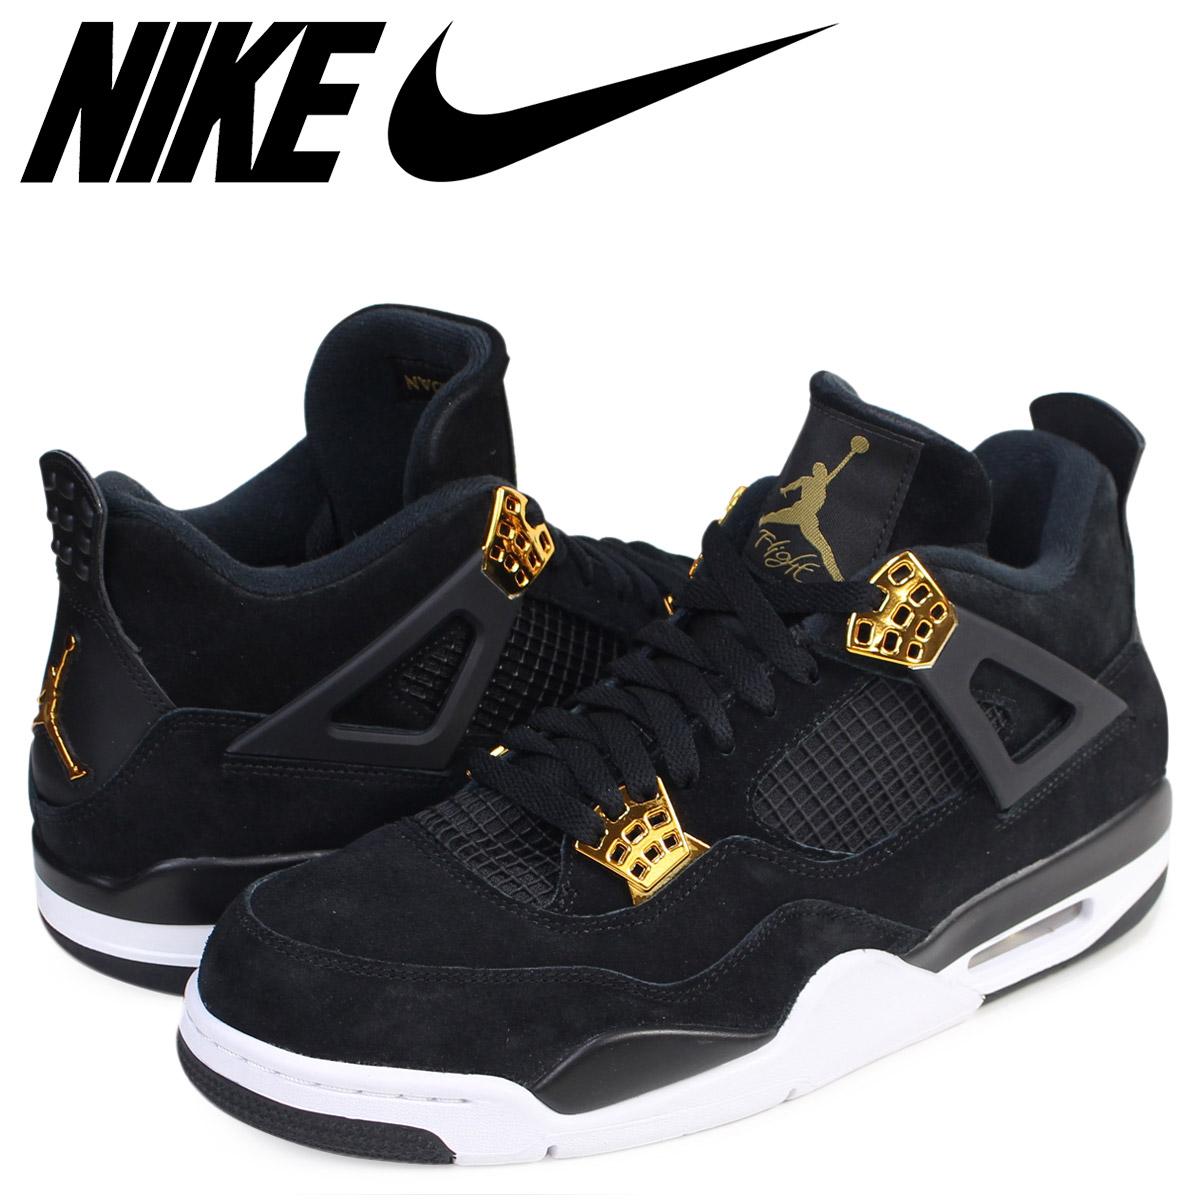 nuova selezione super popolare repliche ALLSPORTS: NIKE Nike Air Jordan 4 nostalgic sneakers AIR JORDAN 4 ...